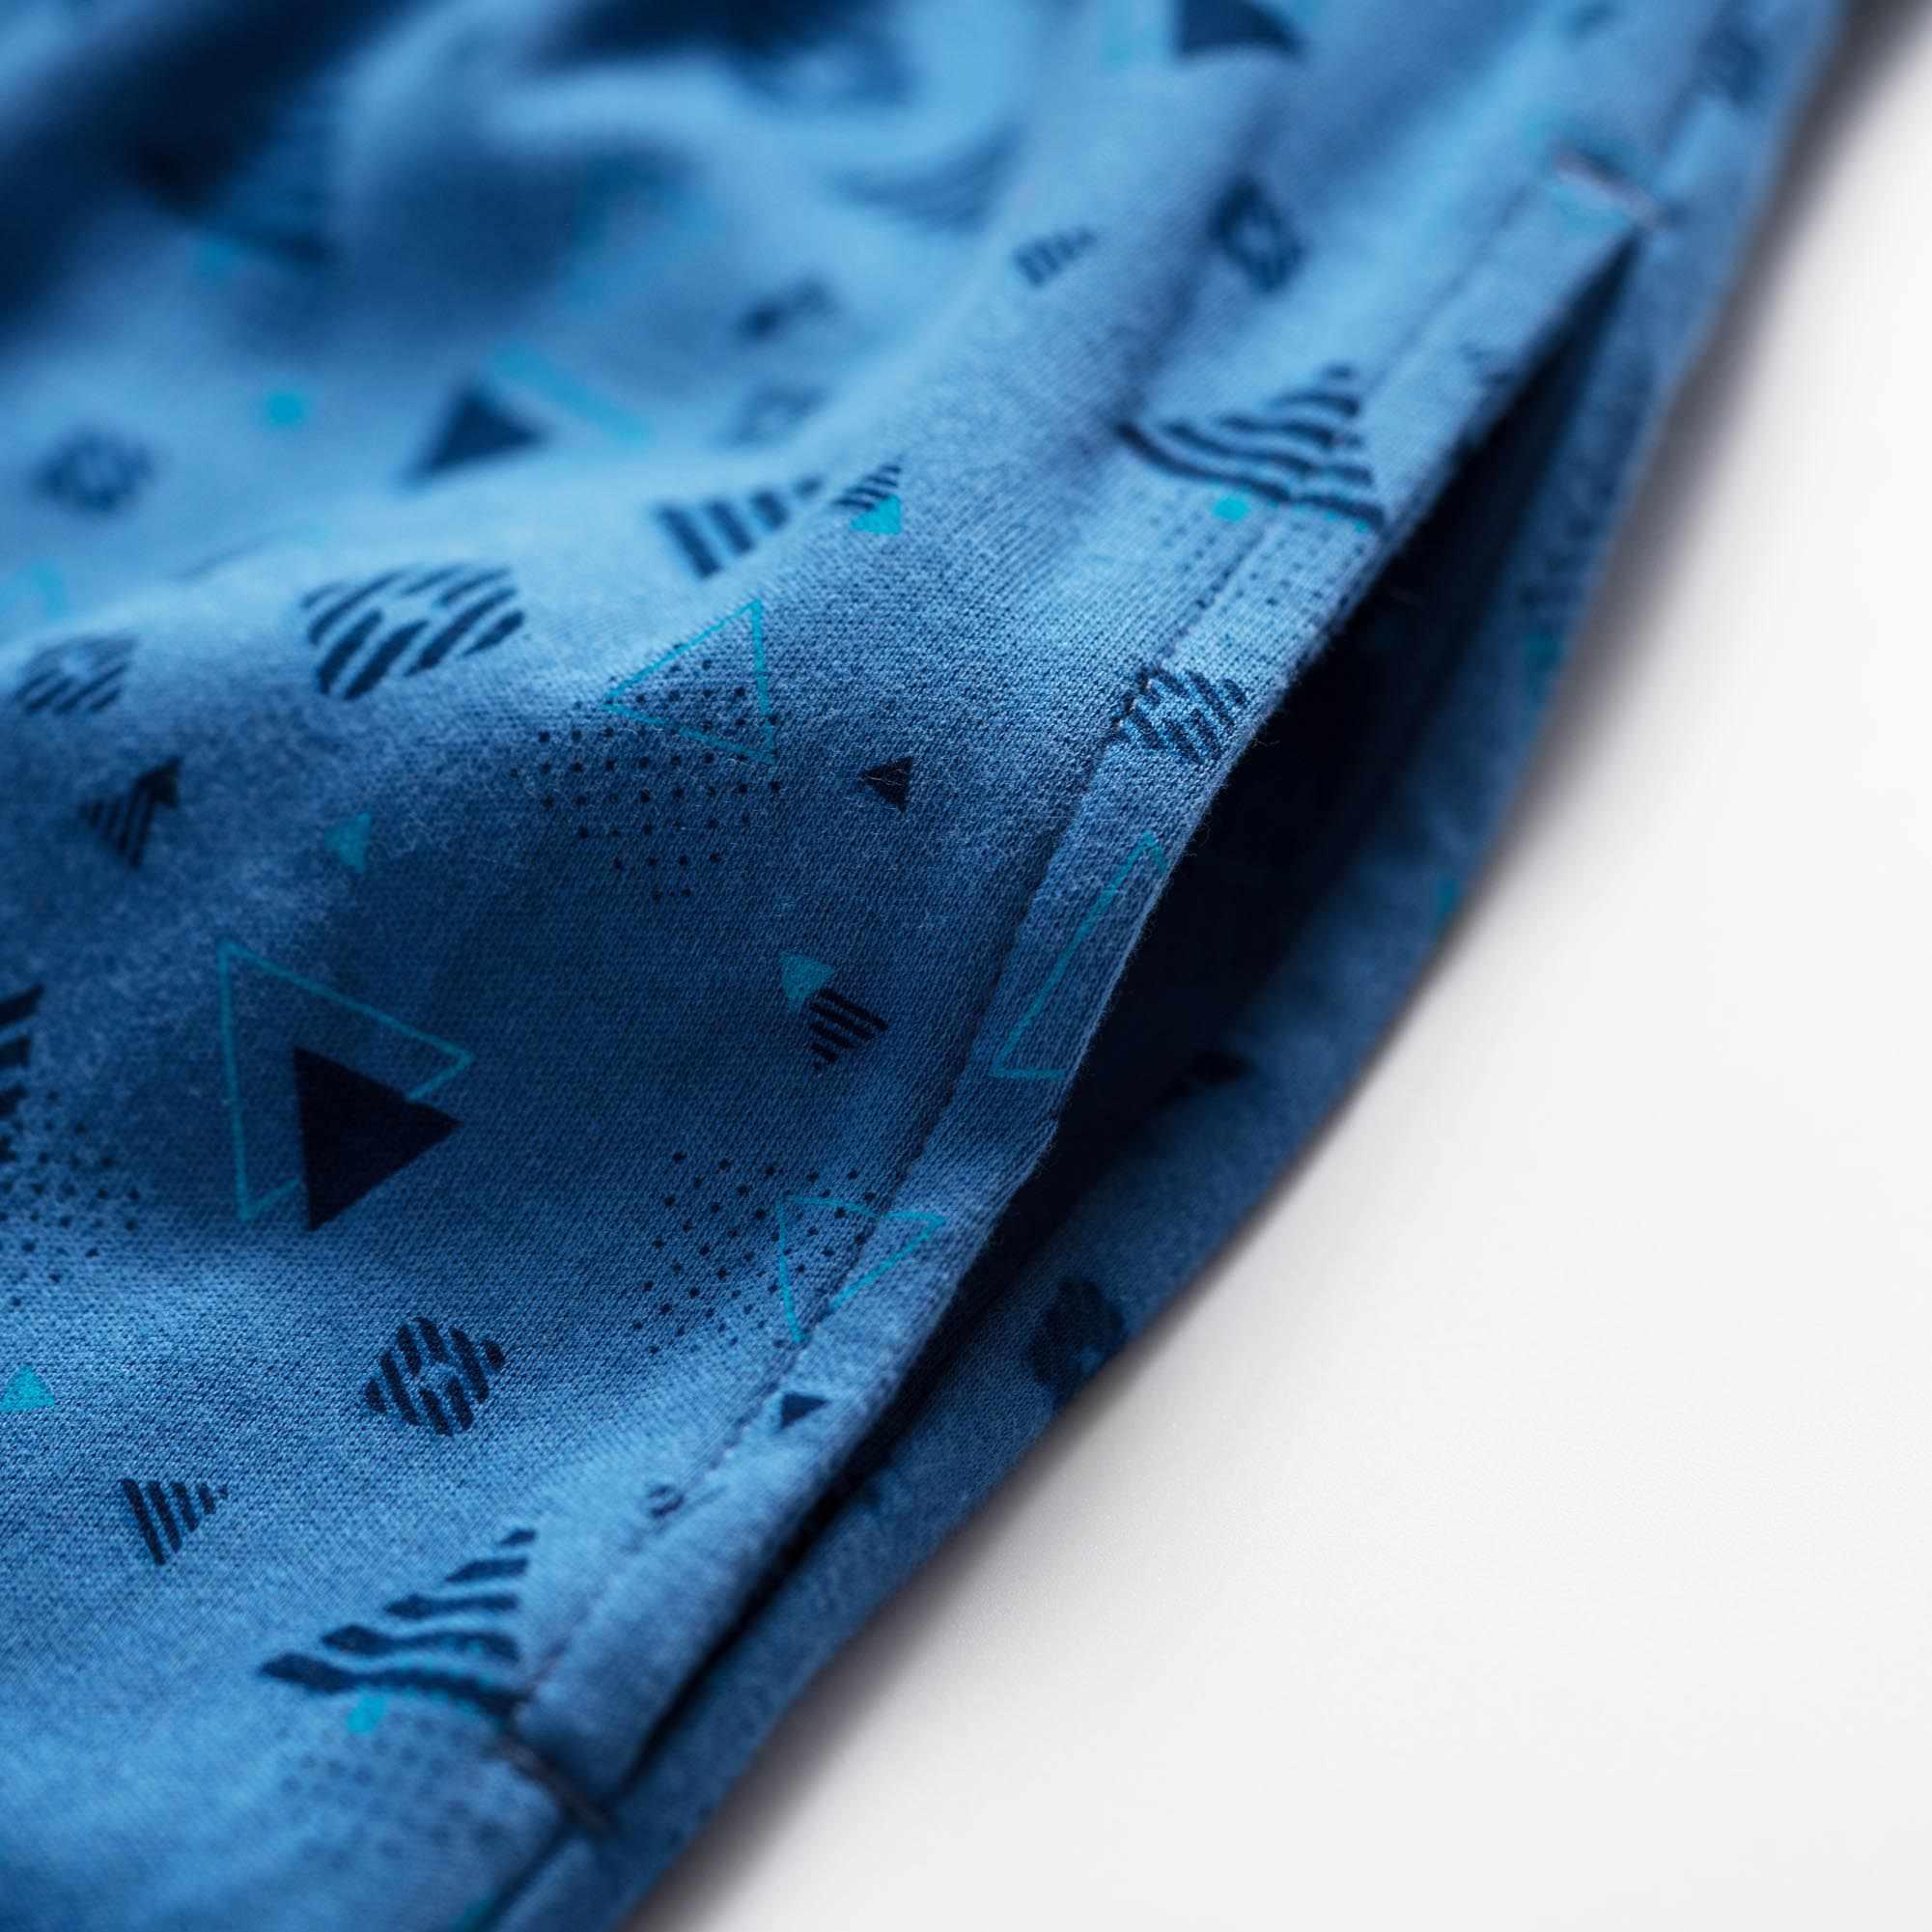 THREEGUN 100% хлопок мужские спать днища пижамы простой печатный салон брюки пижамы отвесные мужские плюс Размер сексуальный пижама хомбре